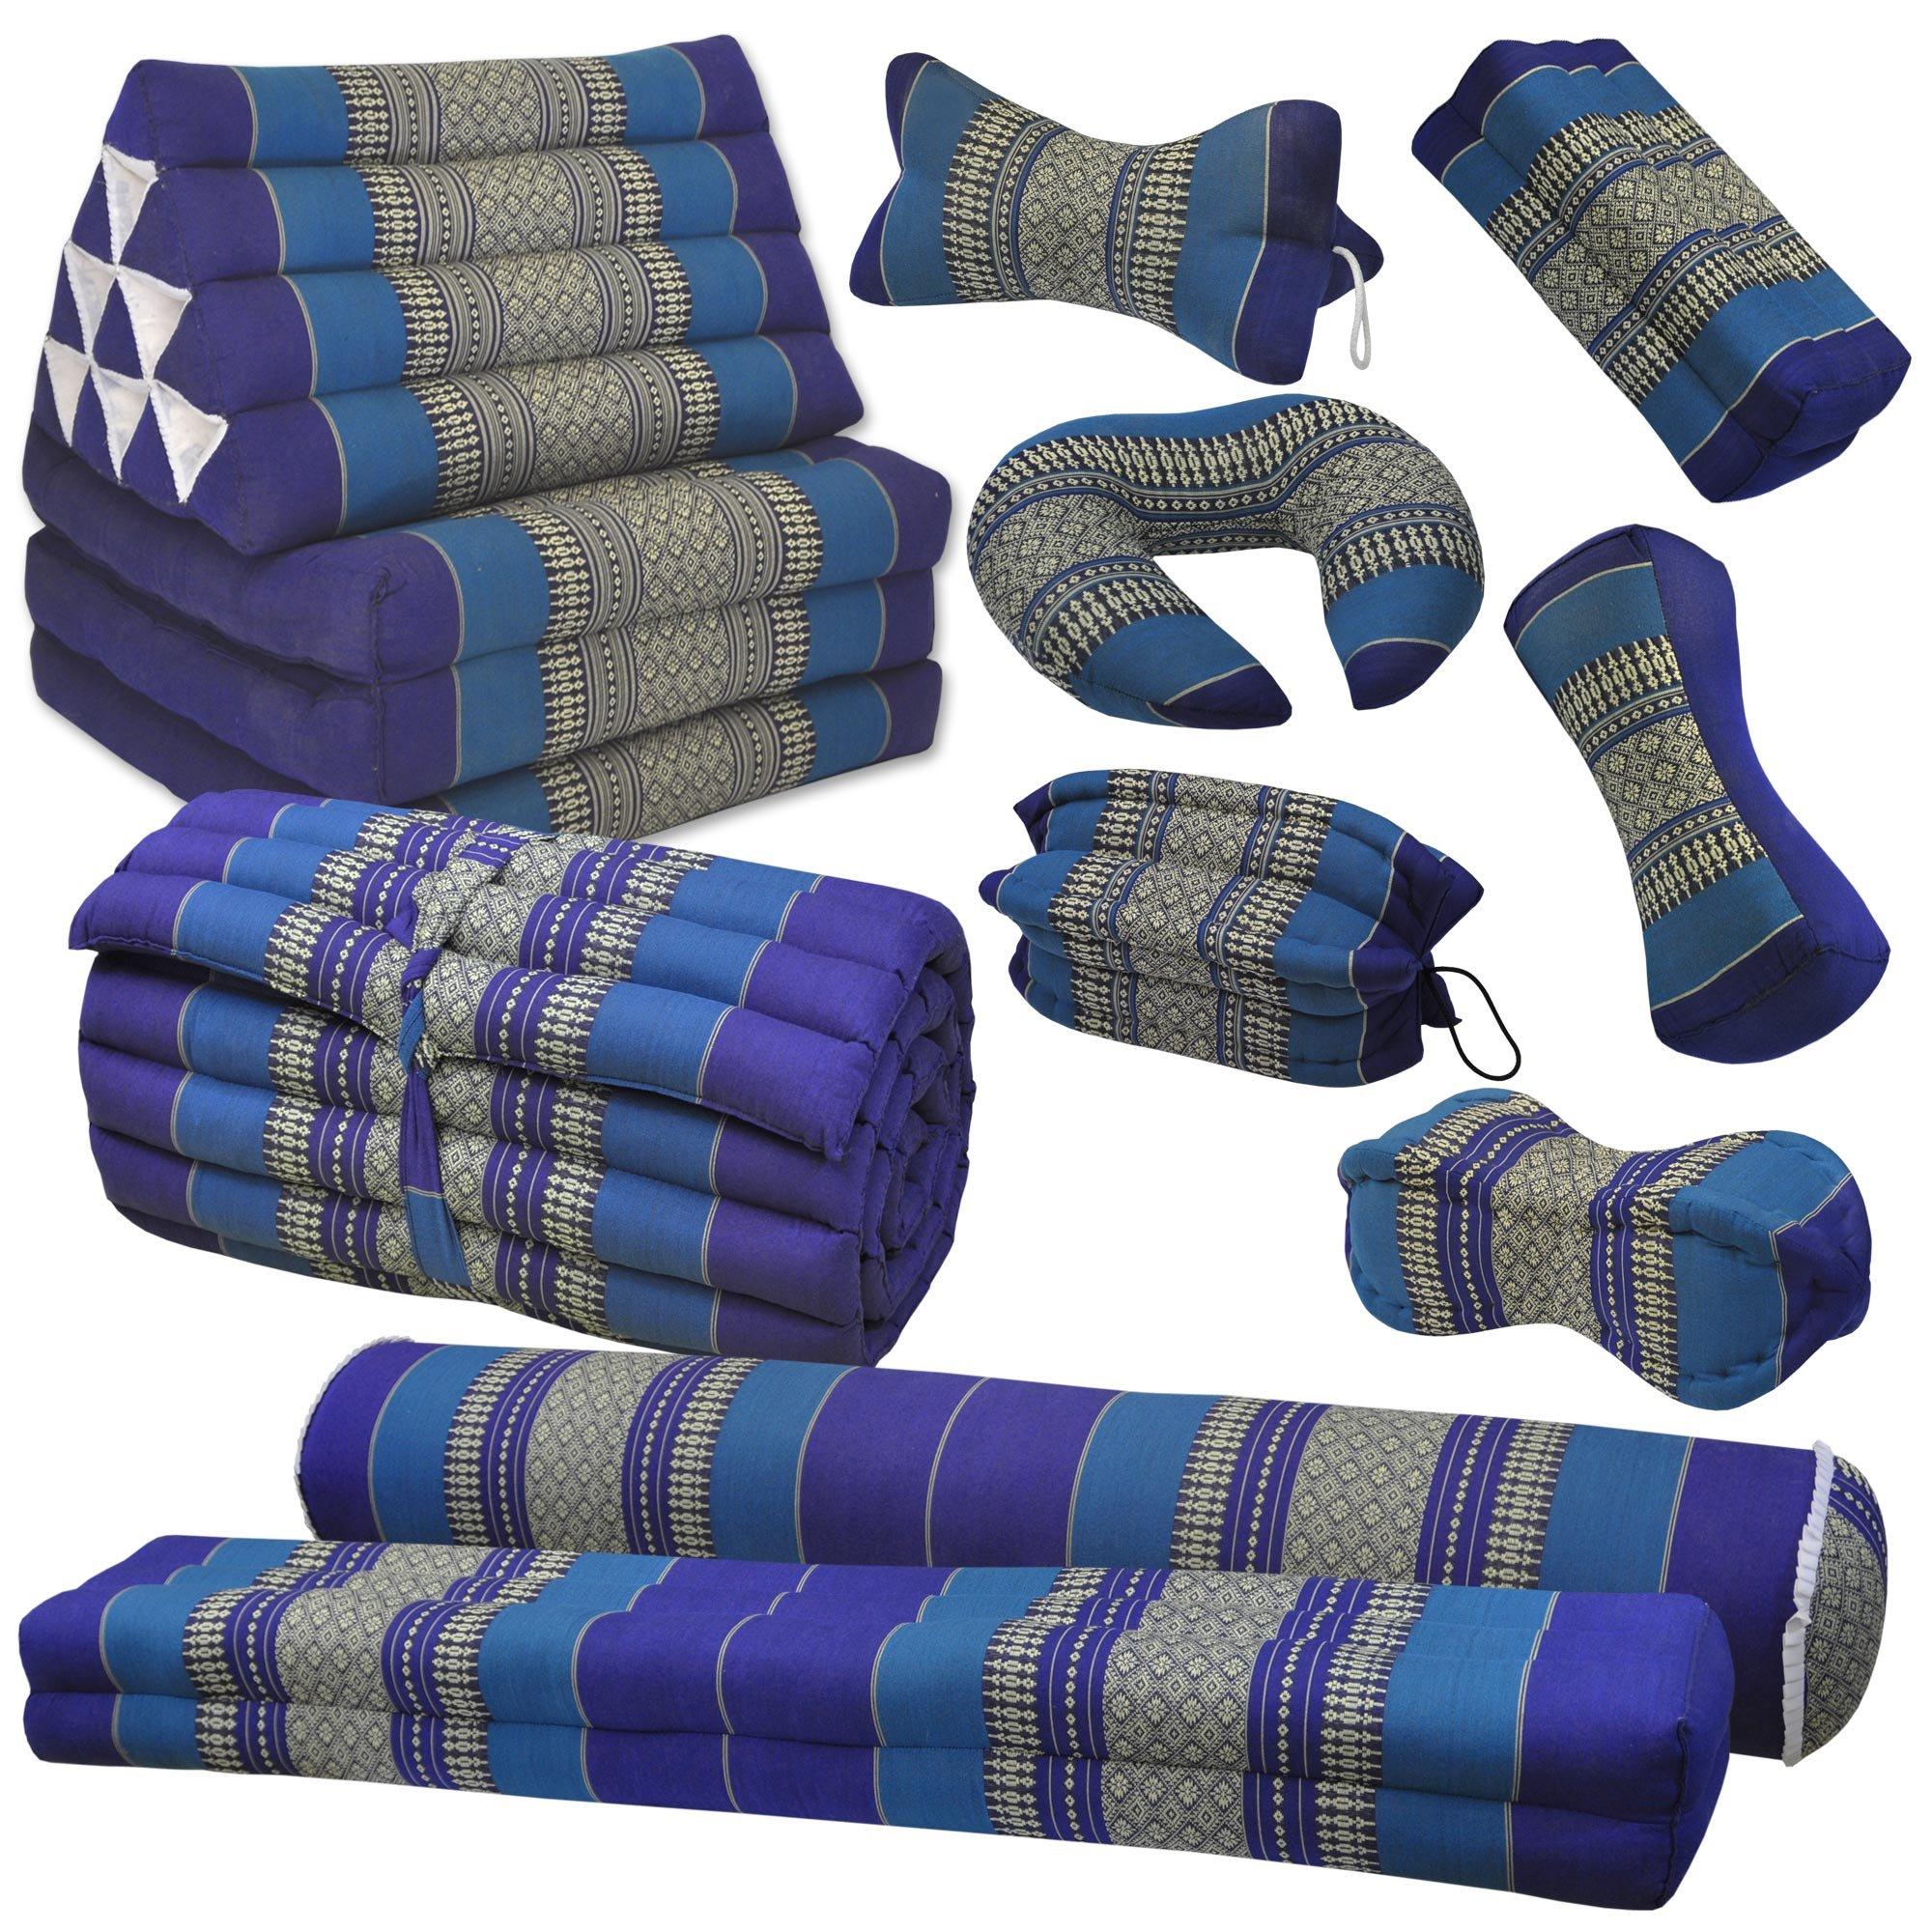 Thai triangular cushion, blue, relaxation, beach, kapok, made in Thailand. (82200) by Wilai GmbH